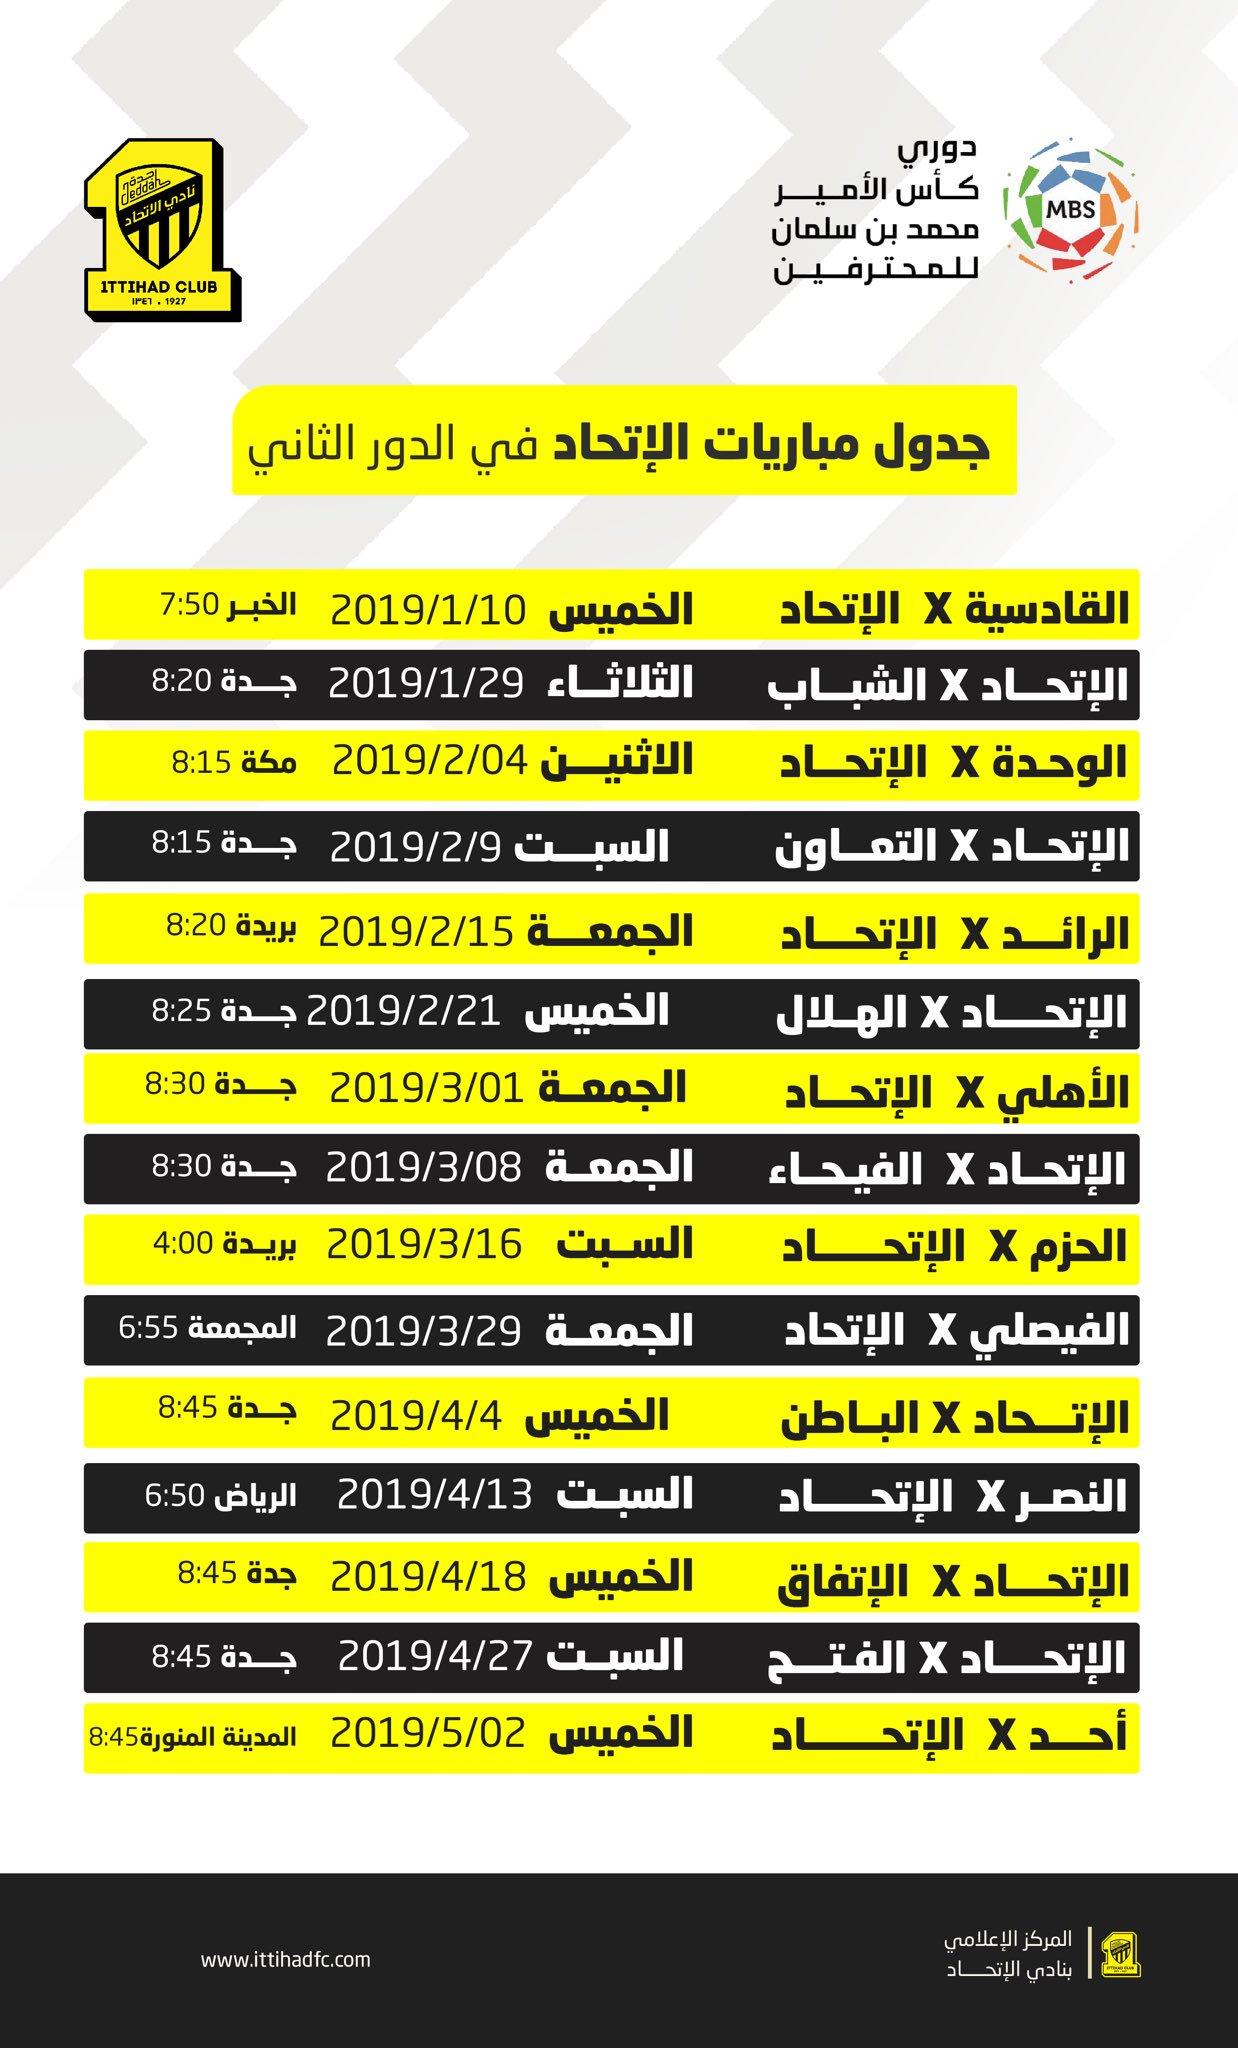 نادي الاتحاد السعودي Twitterren جدول مباريات الفريق الكروي في